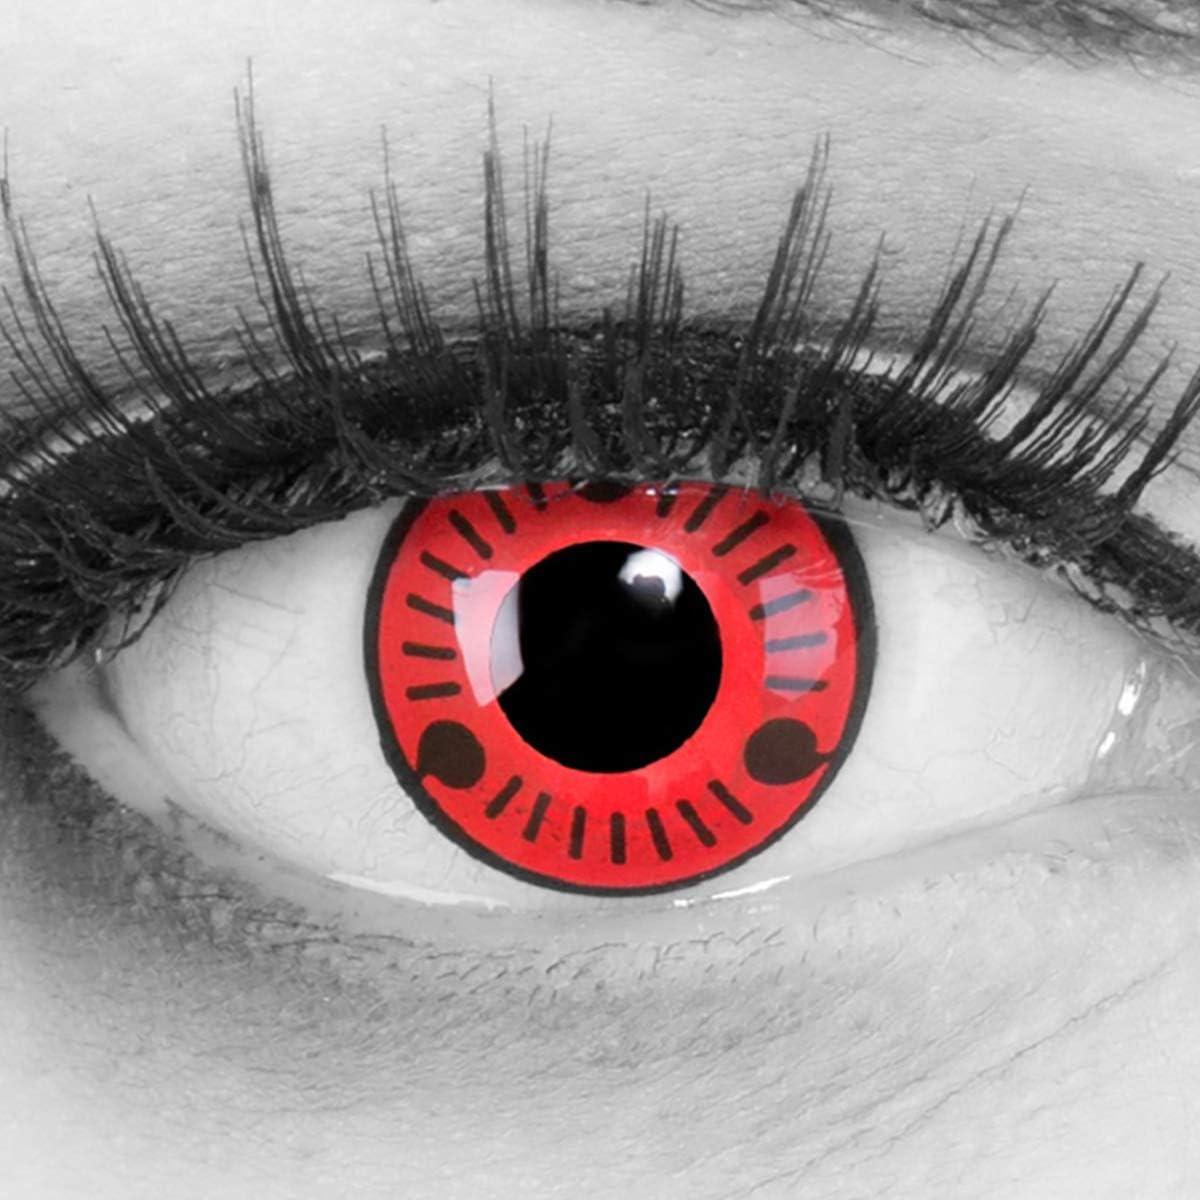 entillas de color rojo negro Sasuke 1 par. Para Halloween Carnaval,cosplay de anime, gratis estuche de lentillas sin graduación